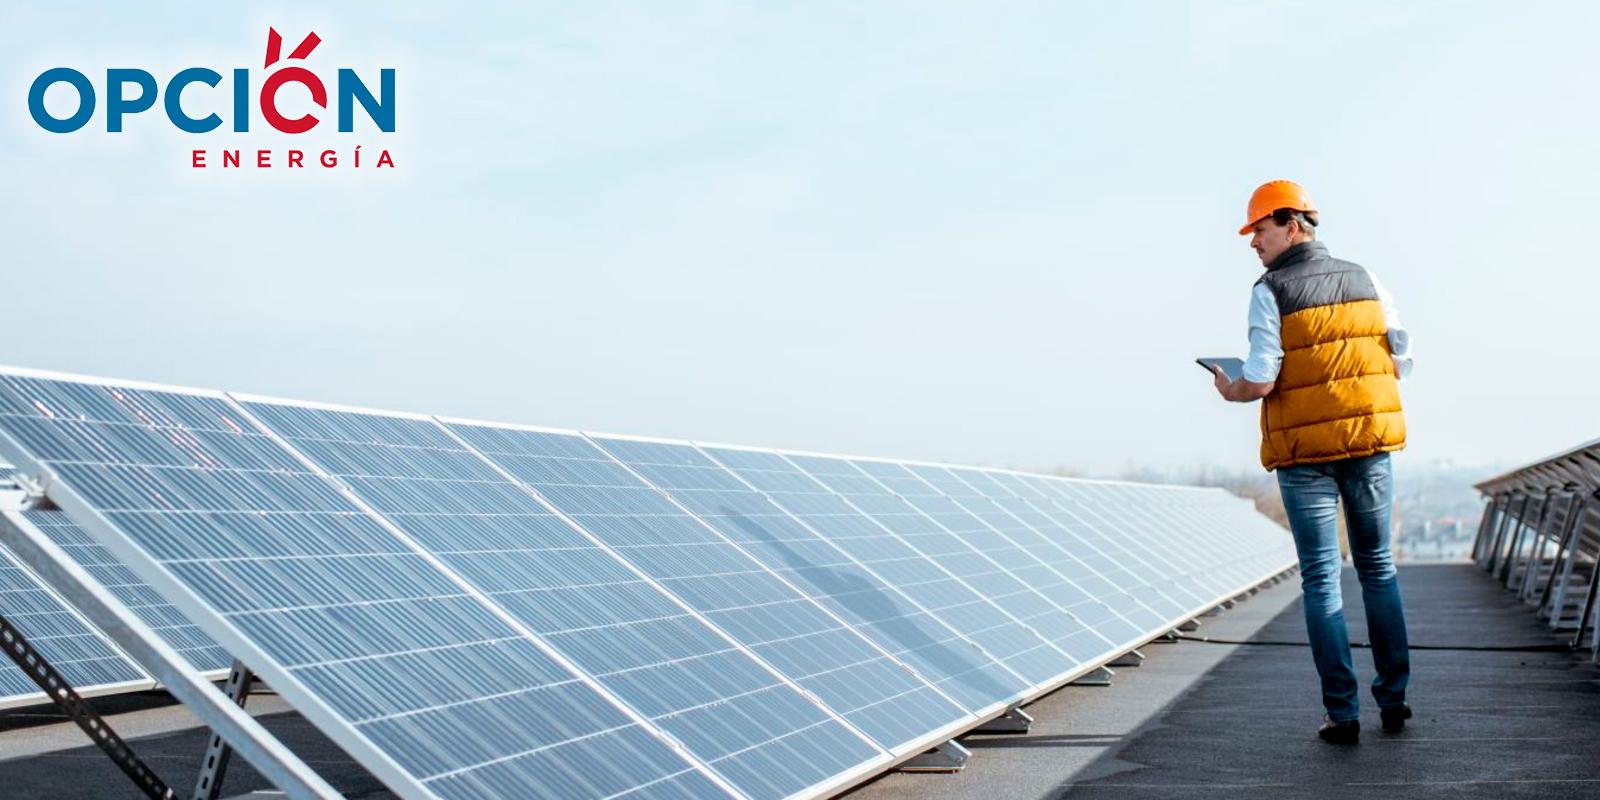 Gracias-al-autoconsumo-las-instalaciones-de-placas-solares-han-aumentado-por-7-en-un-año